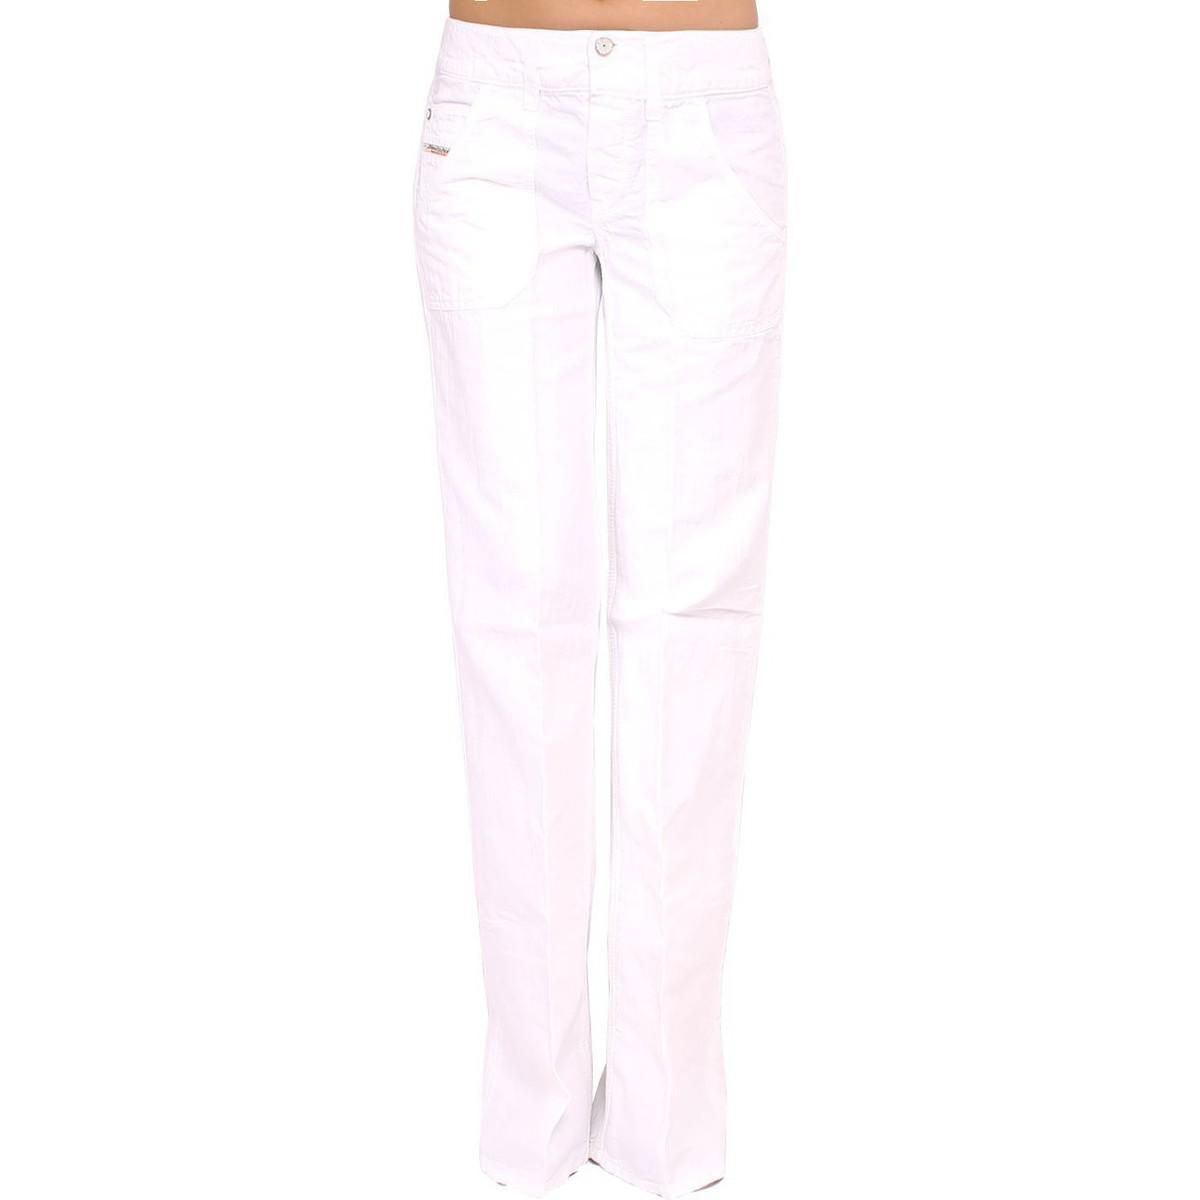 9aa4d8c9 DIESEL - Women's Trousers Wirky Women's Trousers In White in White ...